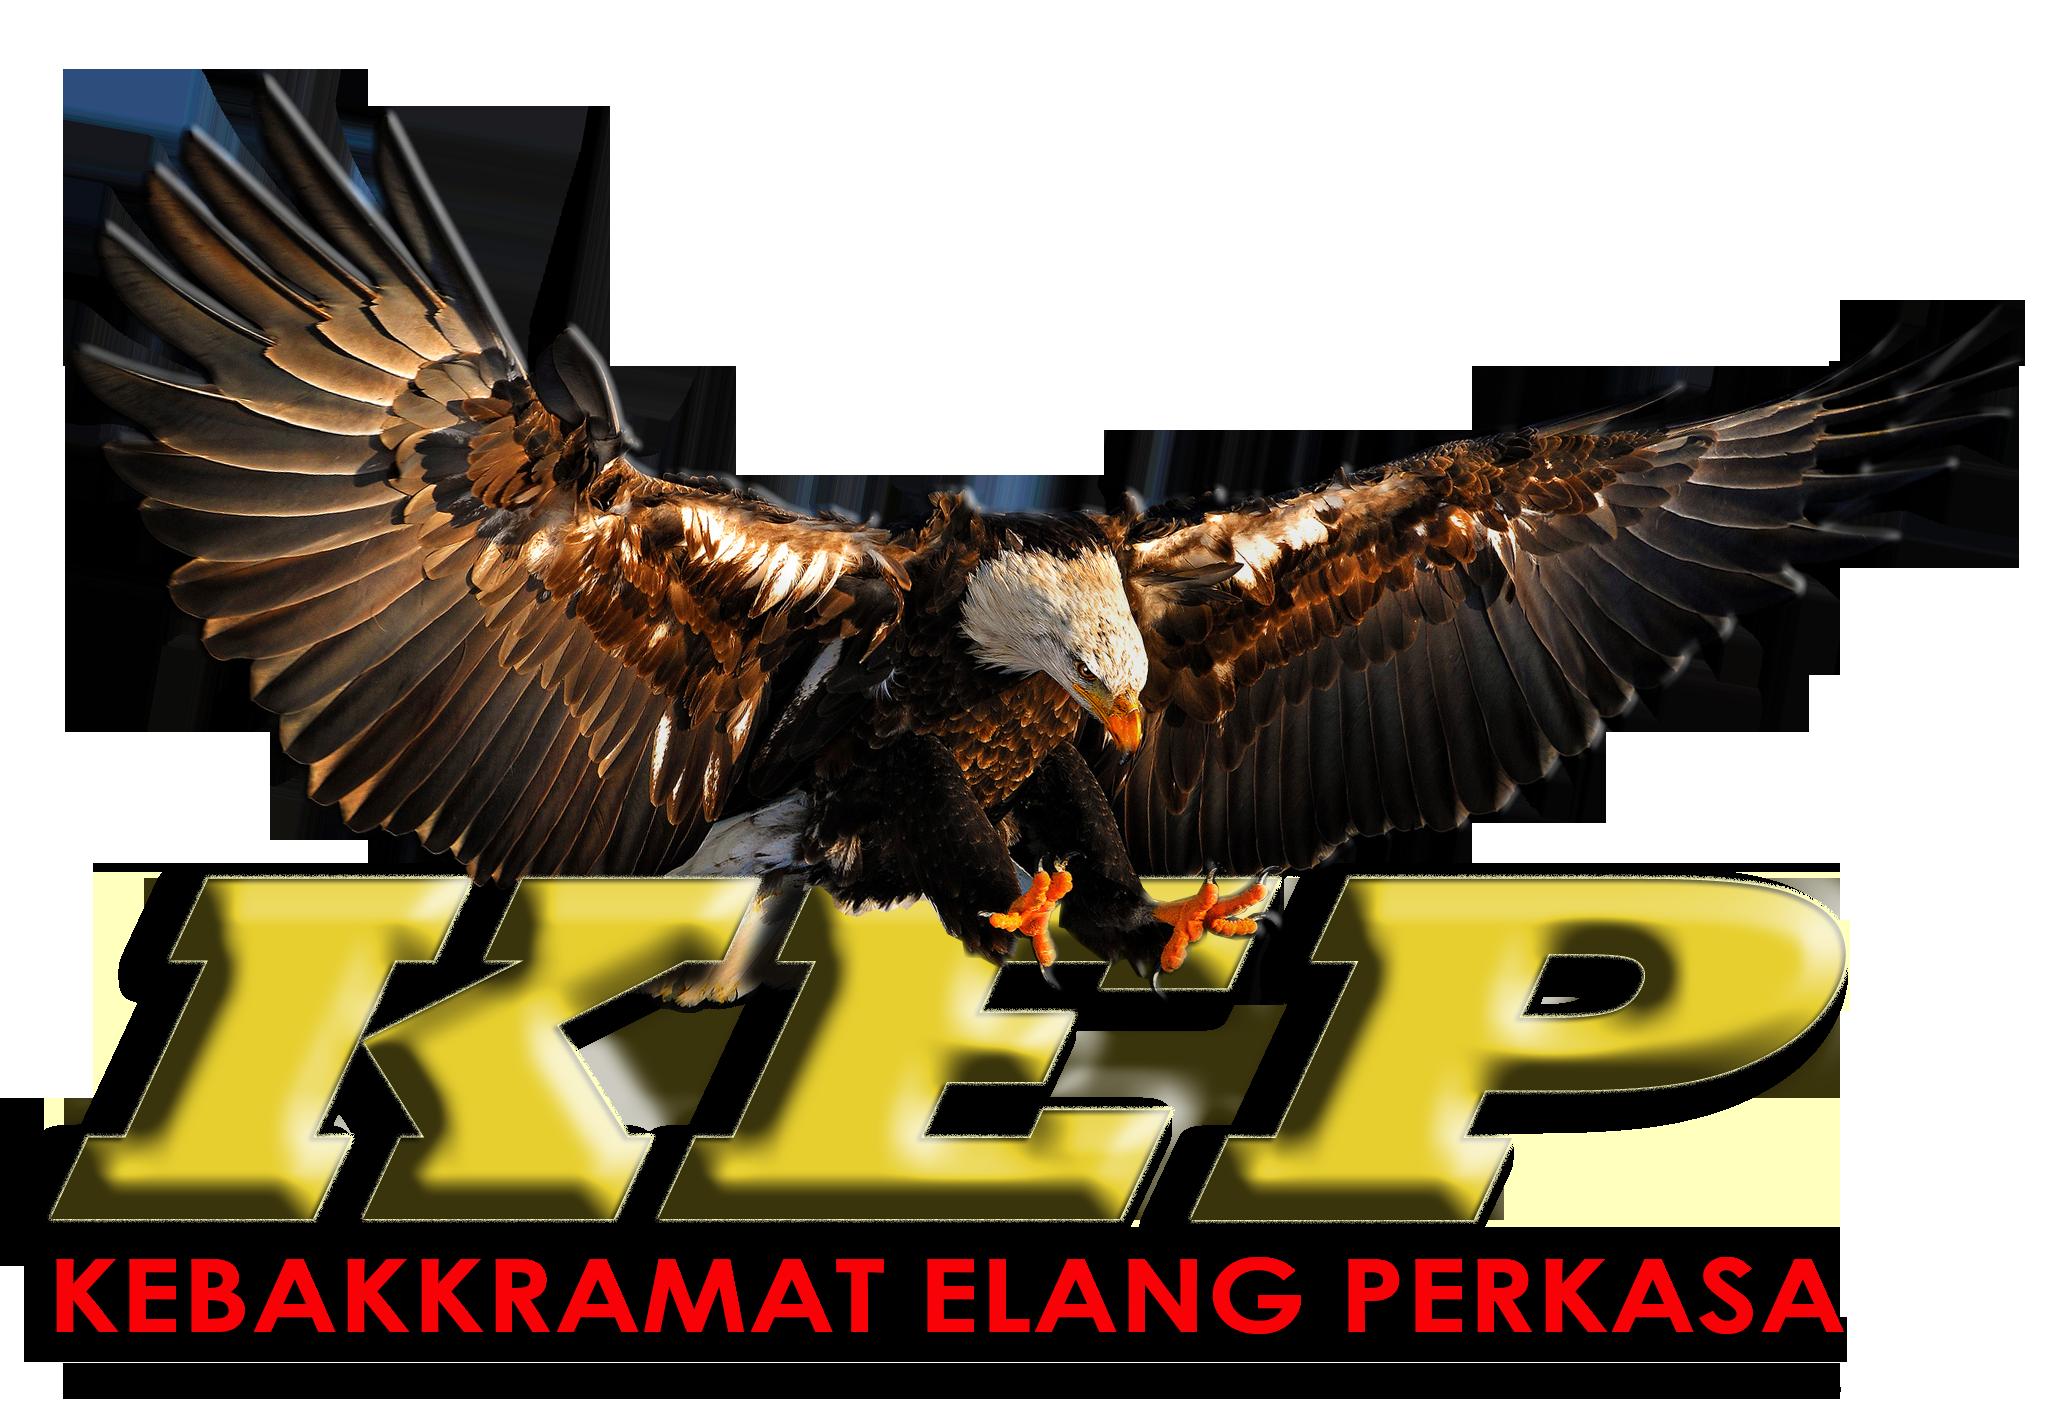 PT. KEBAKKRAMAT ELANG PERKASA (KEP)